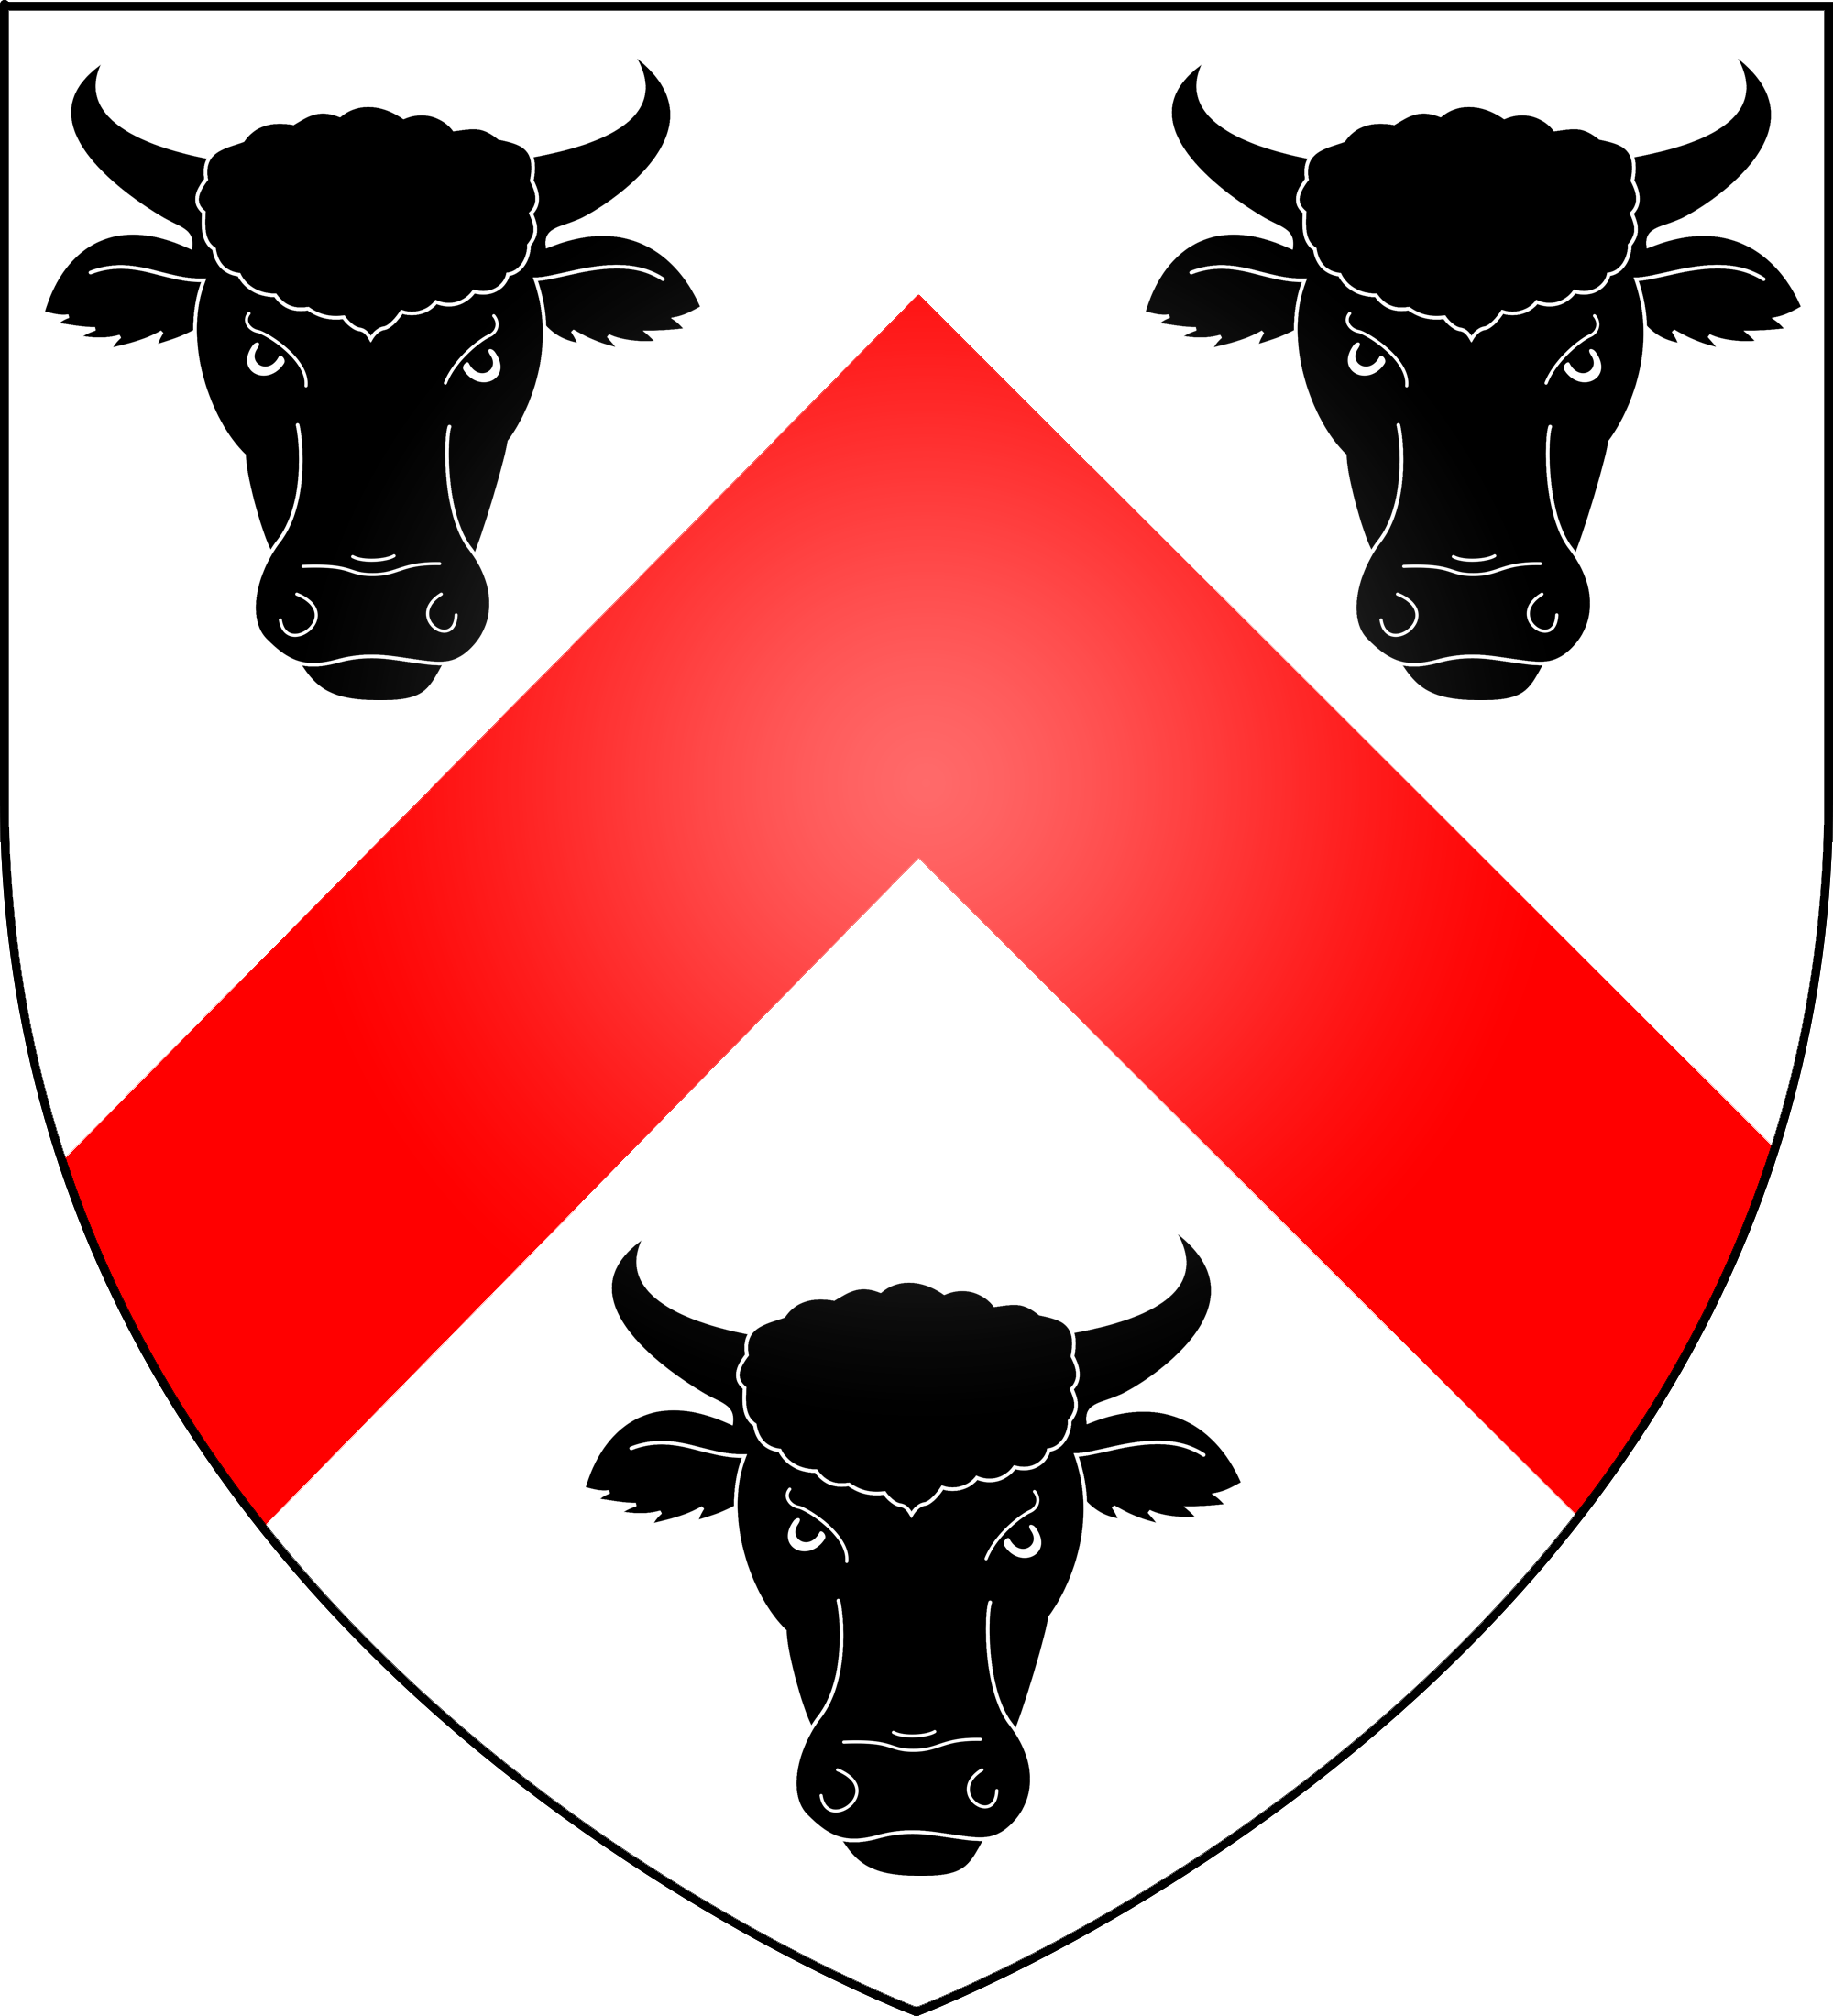 The coat of arms of the Boleyn family